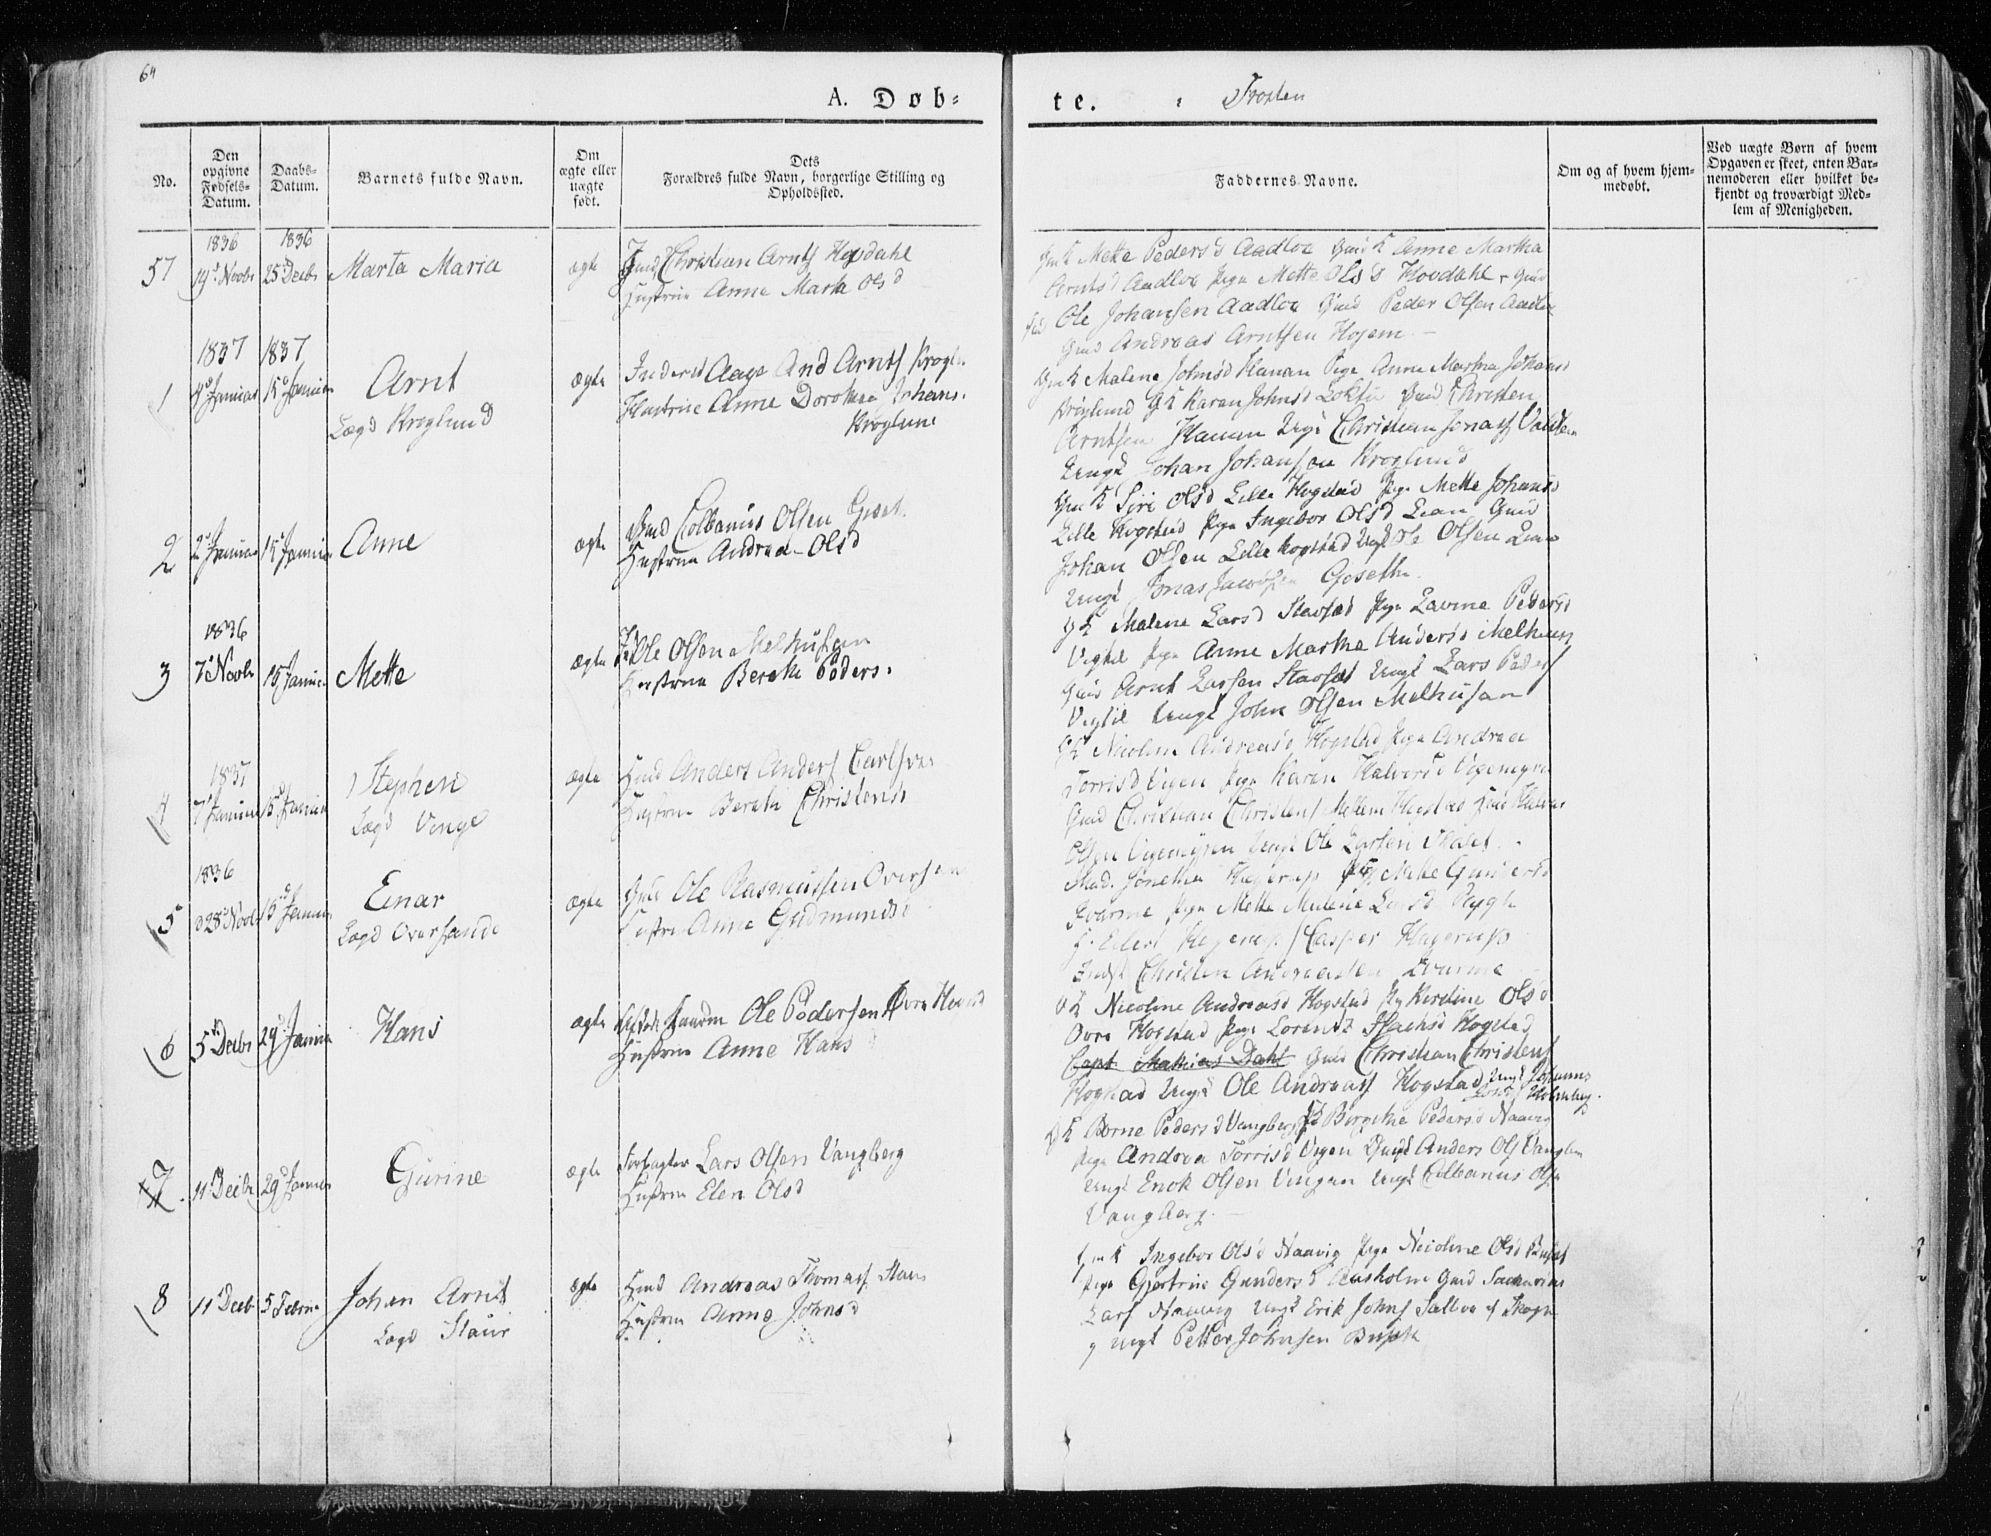 SAT, Ministerialprotokoller, klokkerbøker og fødselsregistre - Nord-Trøndelag, 713/L0114: Ministerialbok nr. 713A05, 1827-1839, s. 64